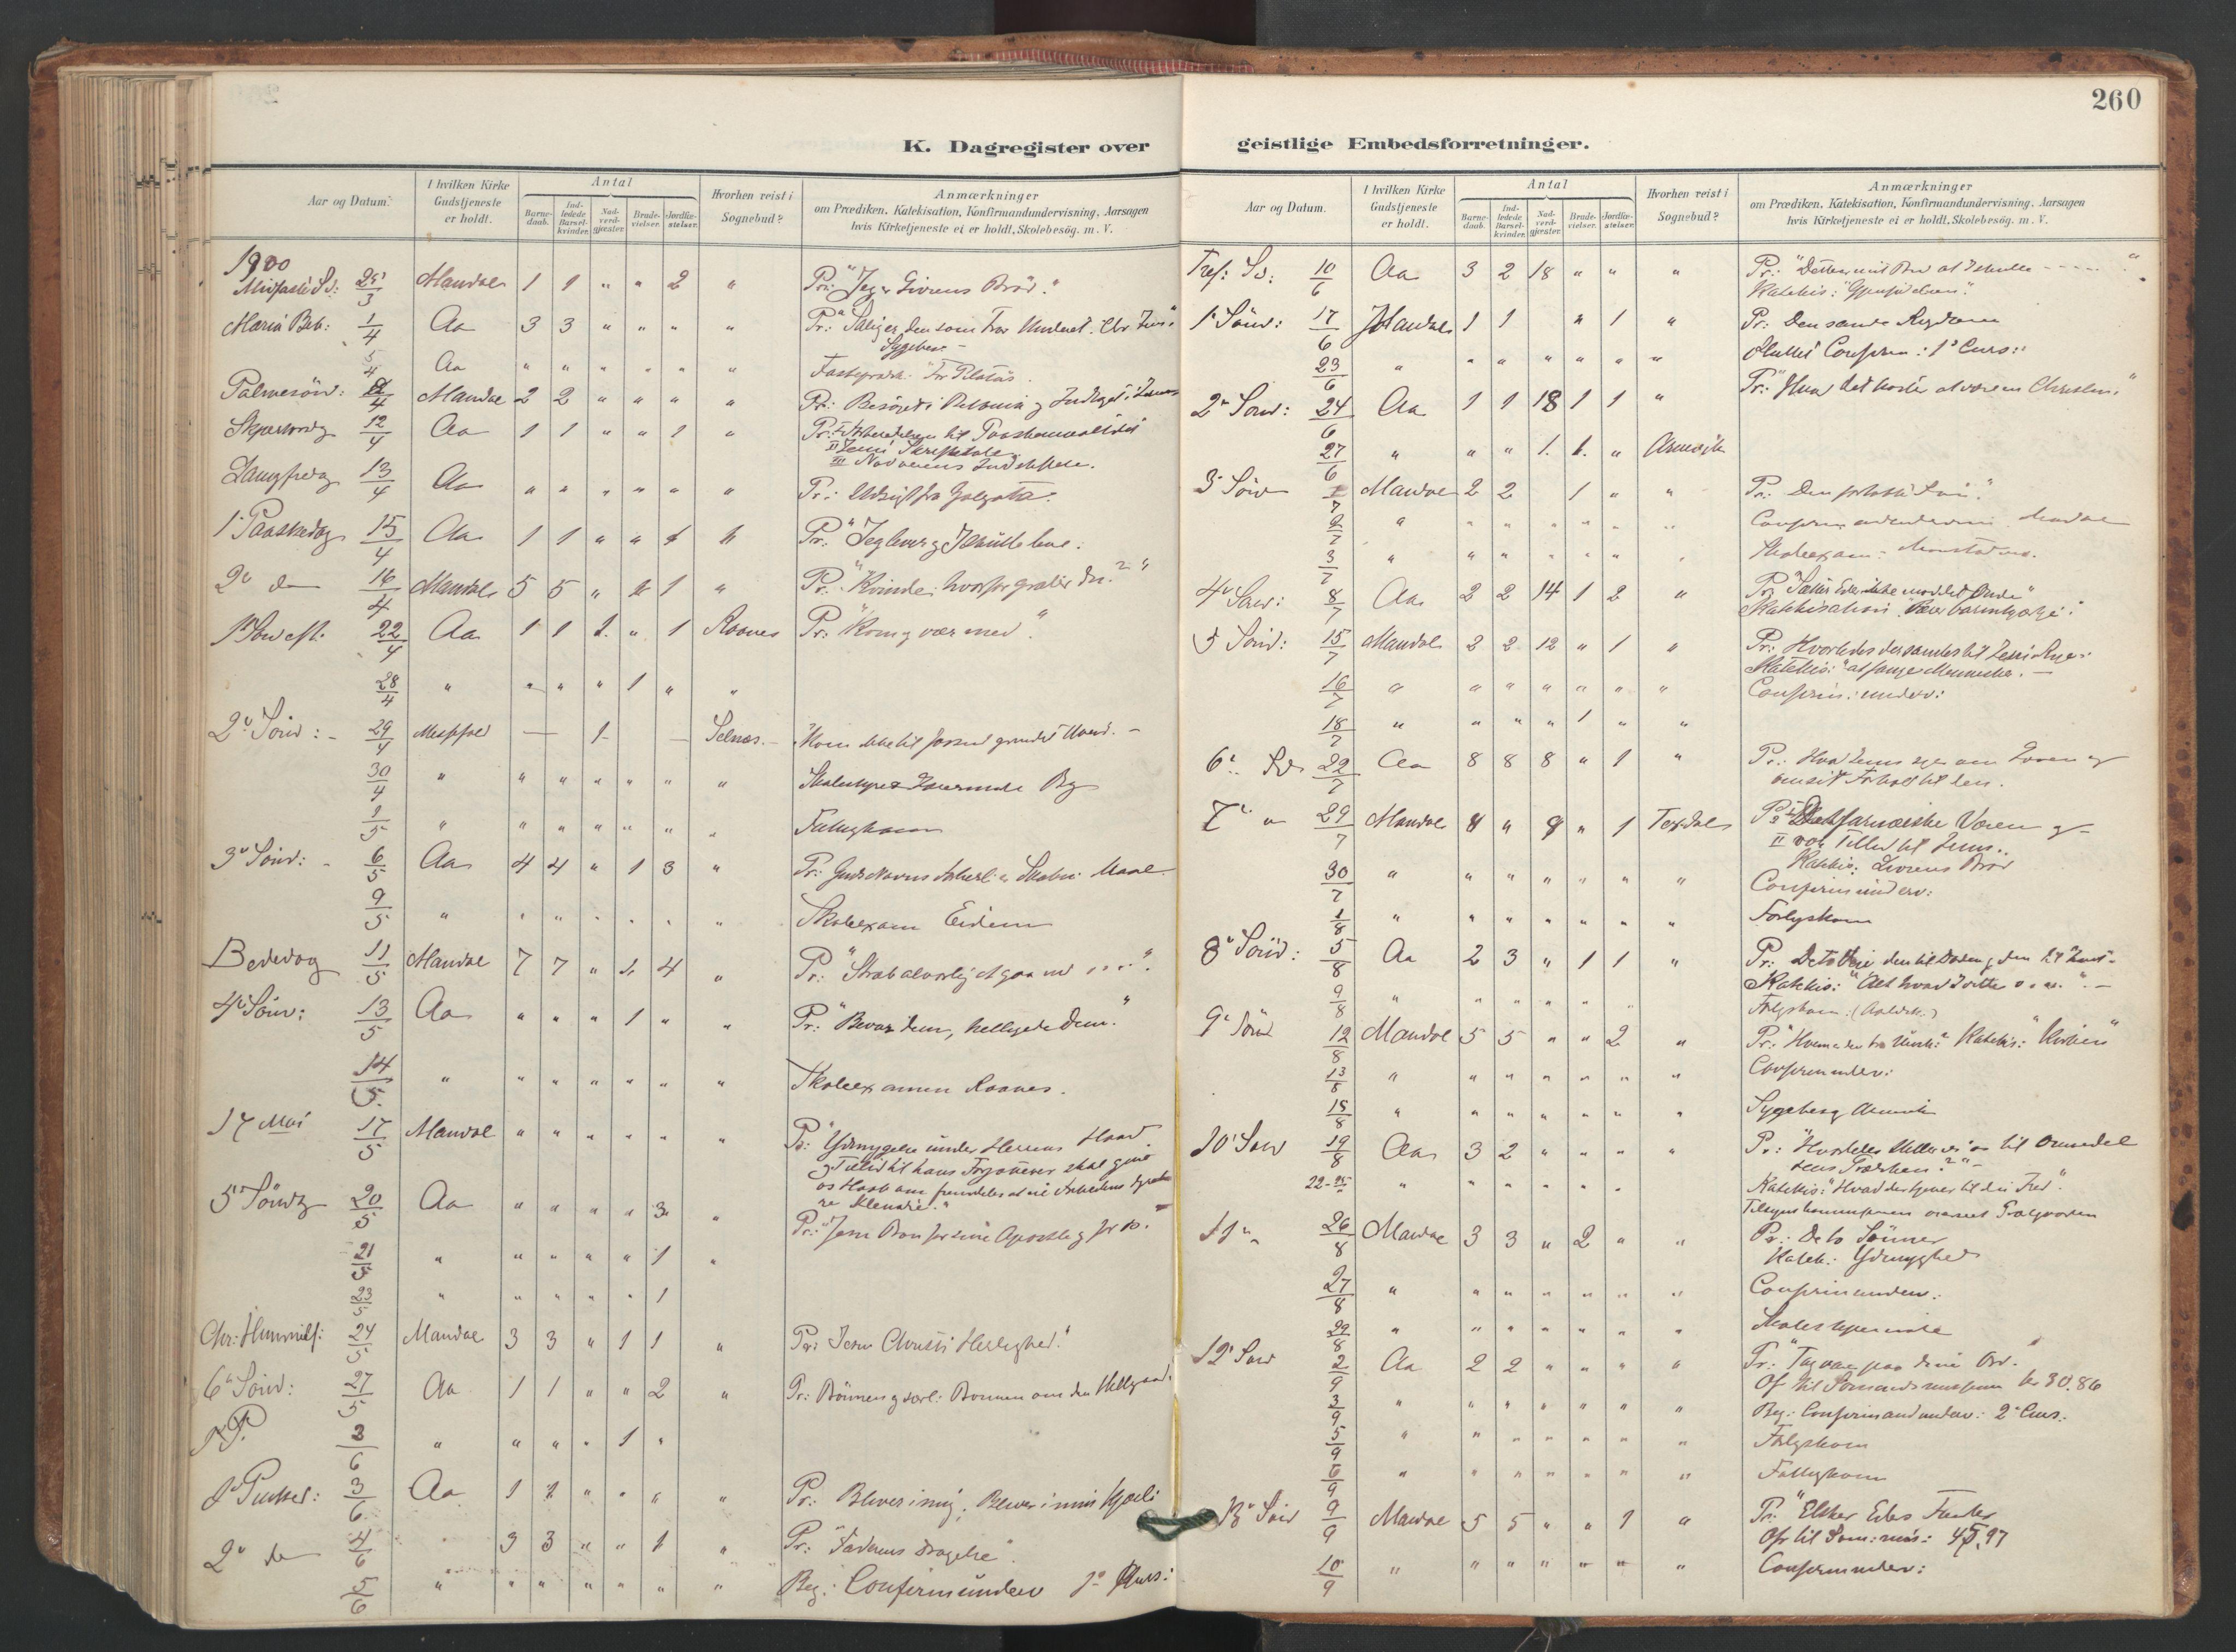 SAT, Ministerialprotokoller, klokkerbøker og fødselsregistre - Sør-Trøndelag, 655/L0681: Ministerialbok nr. 655A10, 1895-1907, s. 260